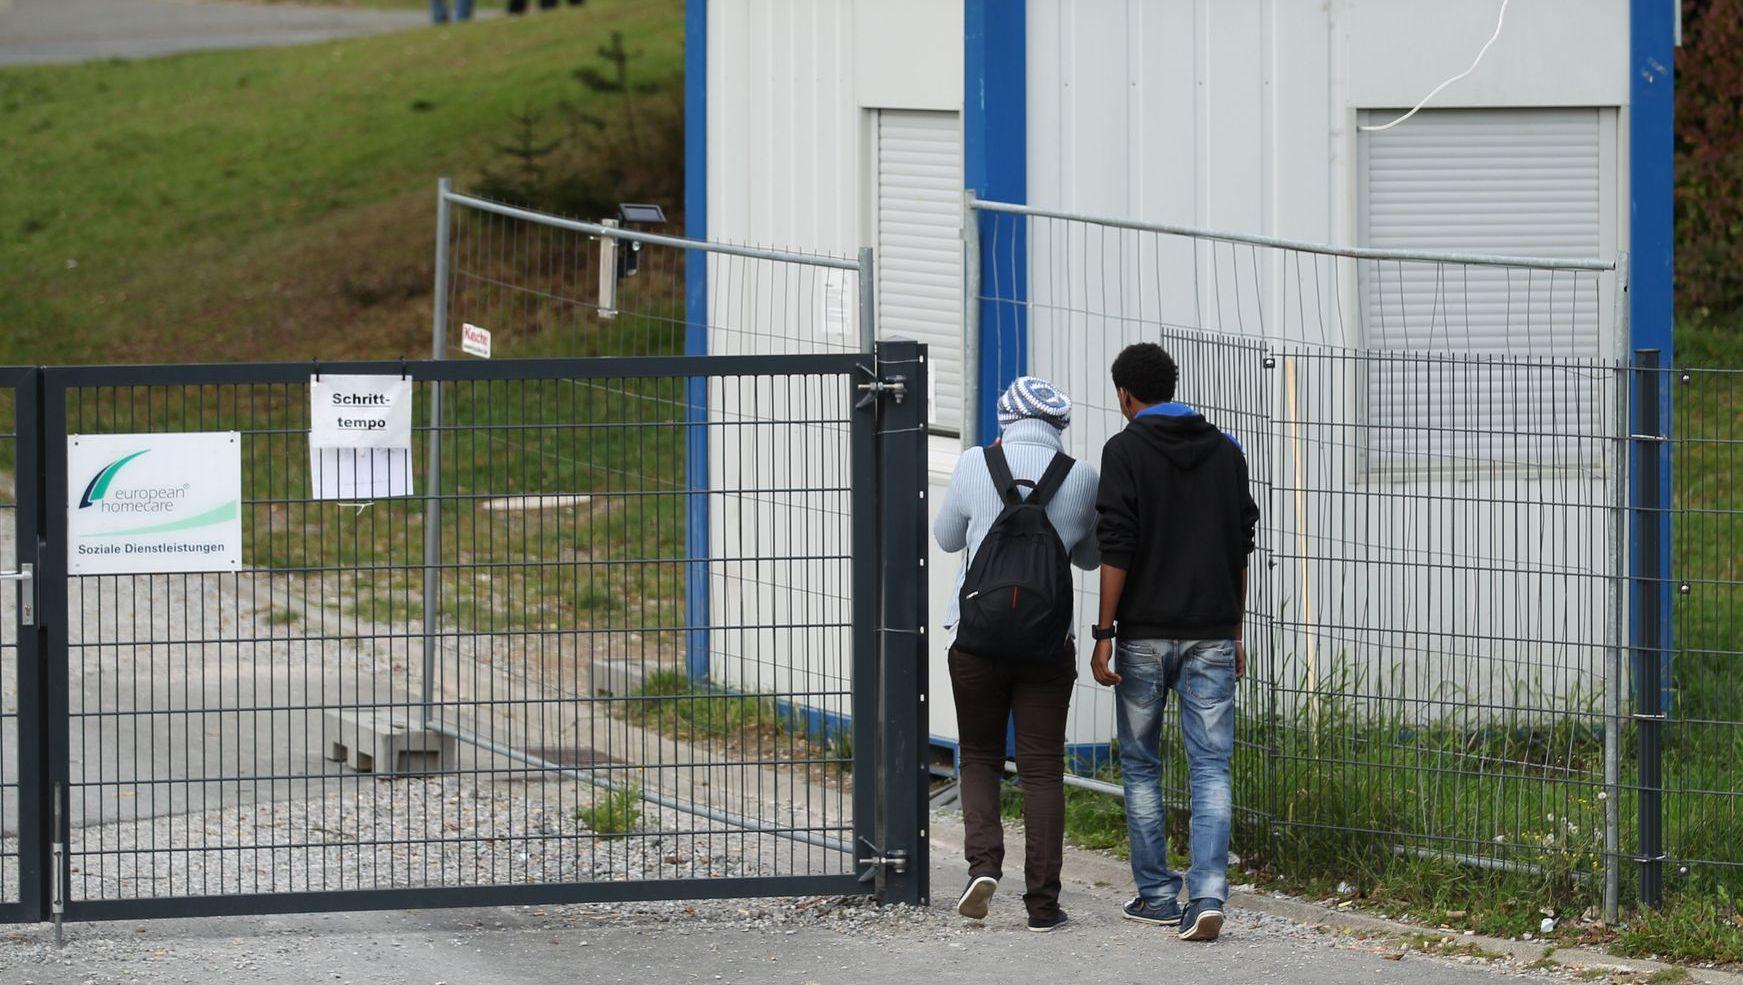 Allemagne : Maltraitances dans des foyers de demandeurs d'asile